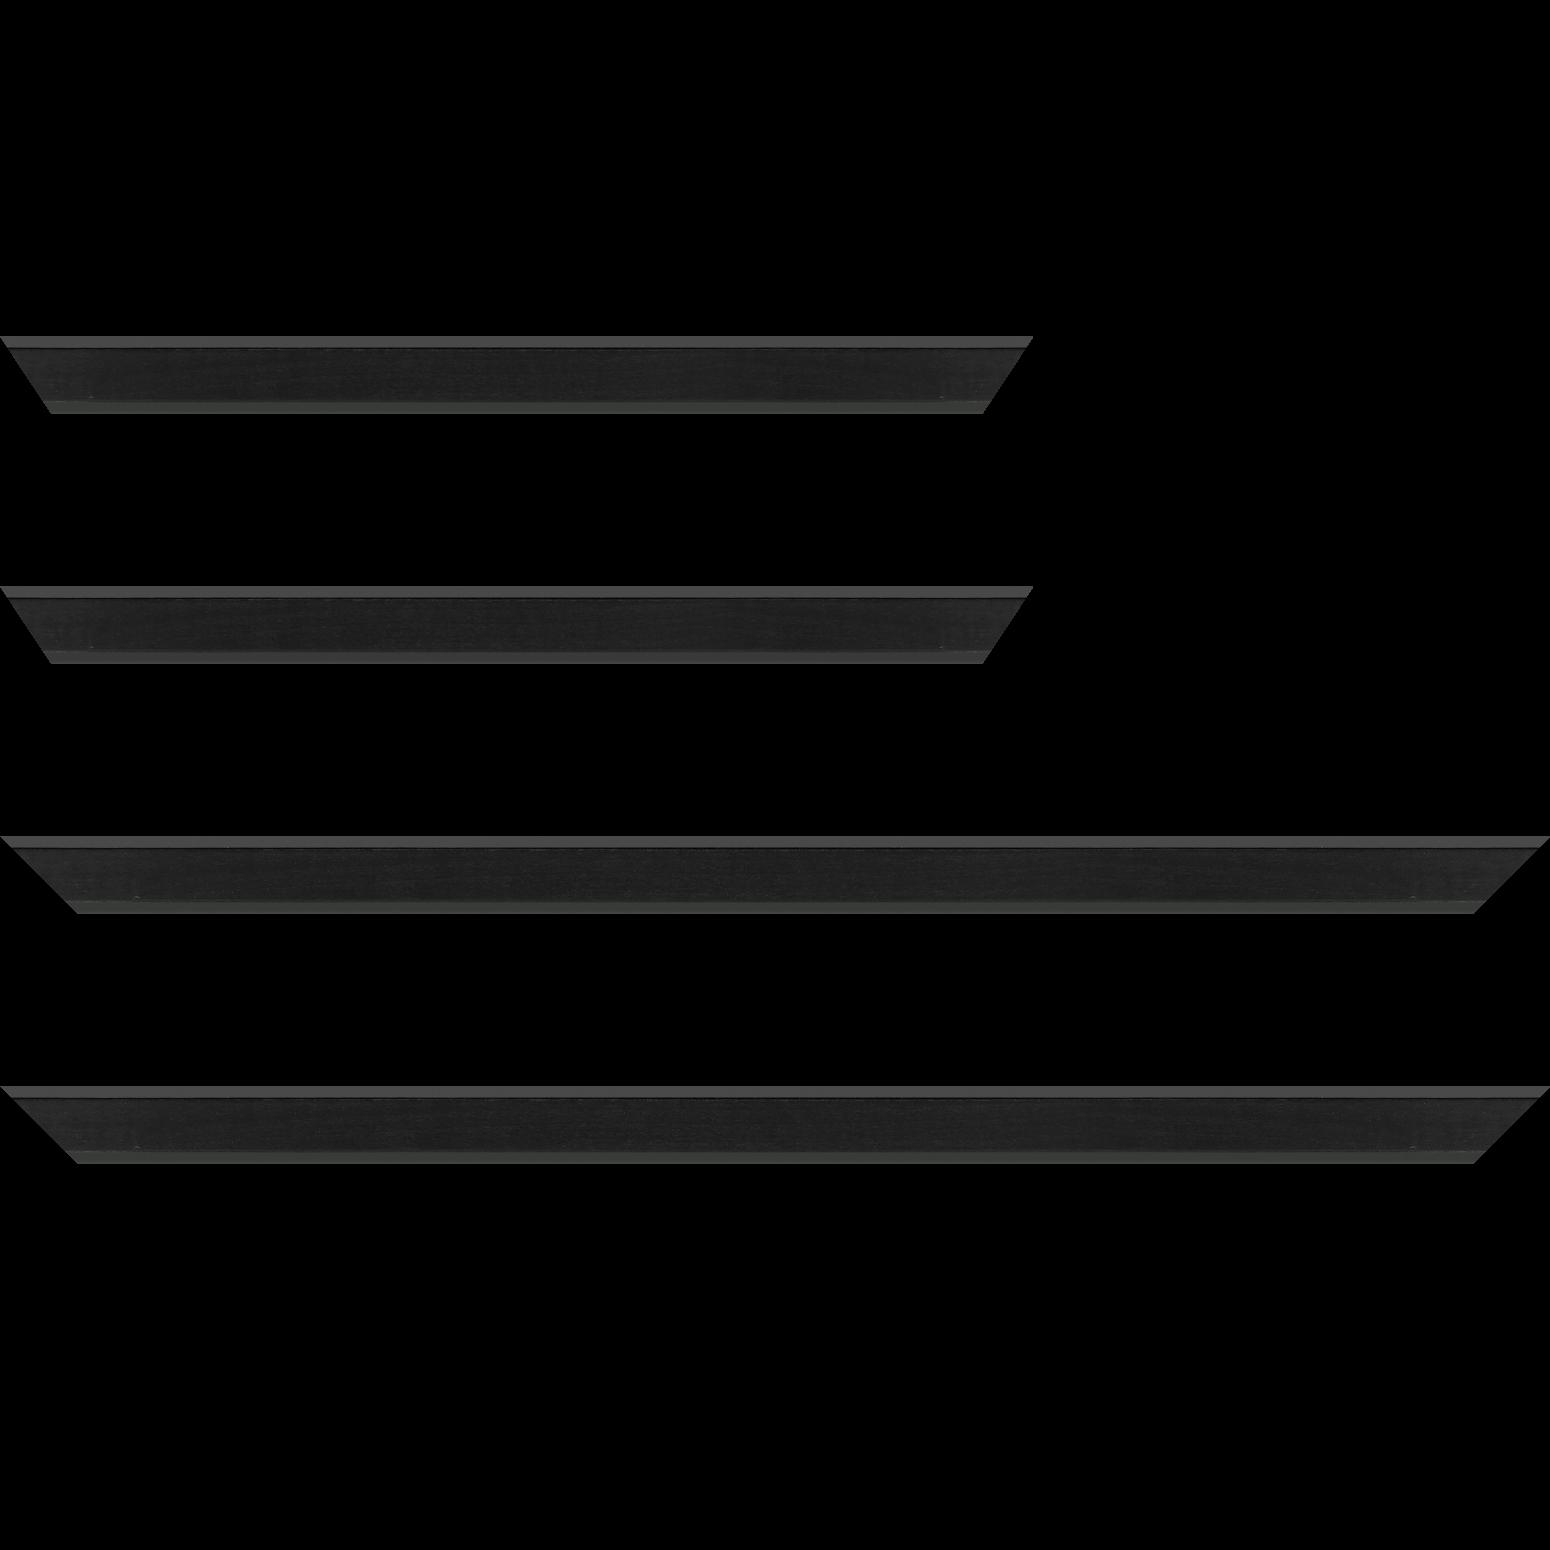 Baguette service précoupé Bois essence marupa profil plat largeur 2.5cm plaquage érable teinté gris foncé, filet intérieur et extérieur gris foncé